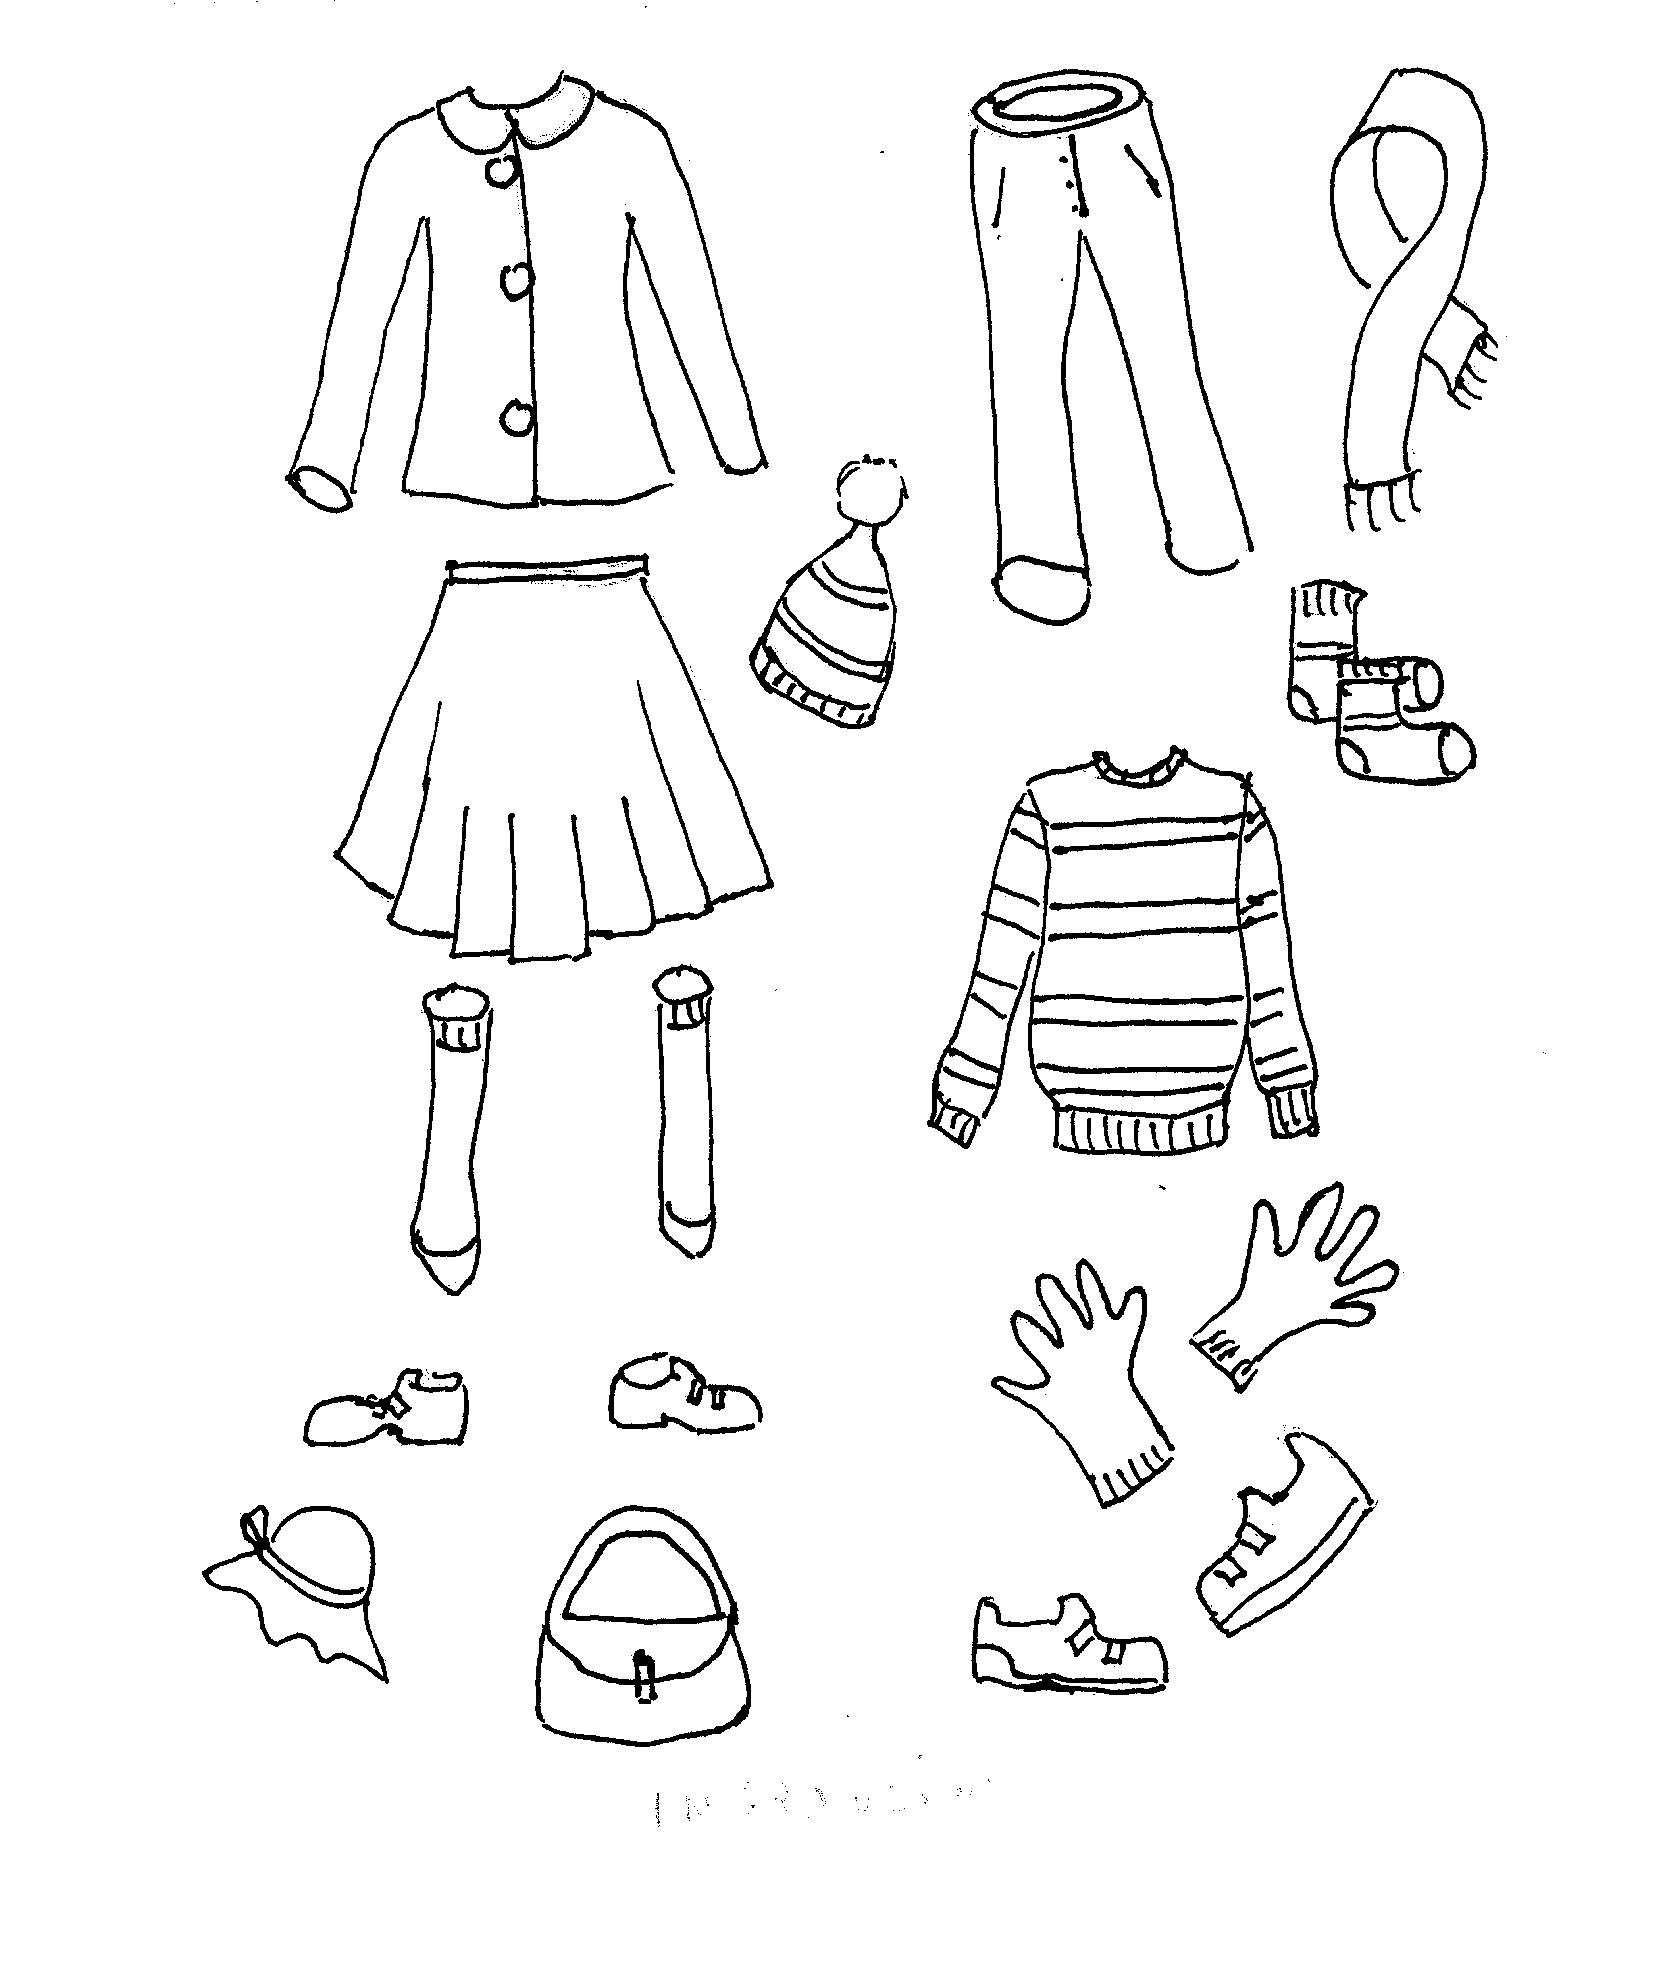 Disegni da colorare bambini i vestiti for Disegni da colorare e ritagliare per bambini